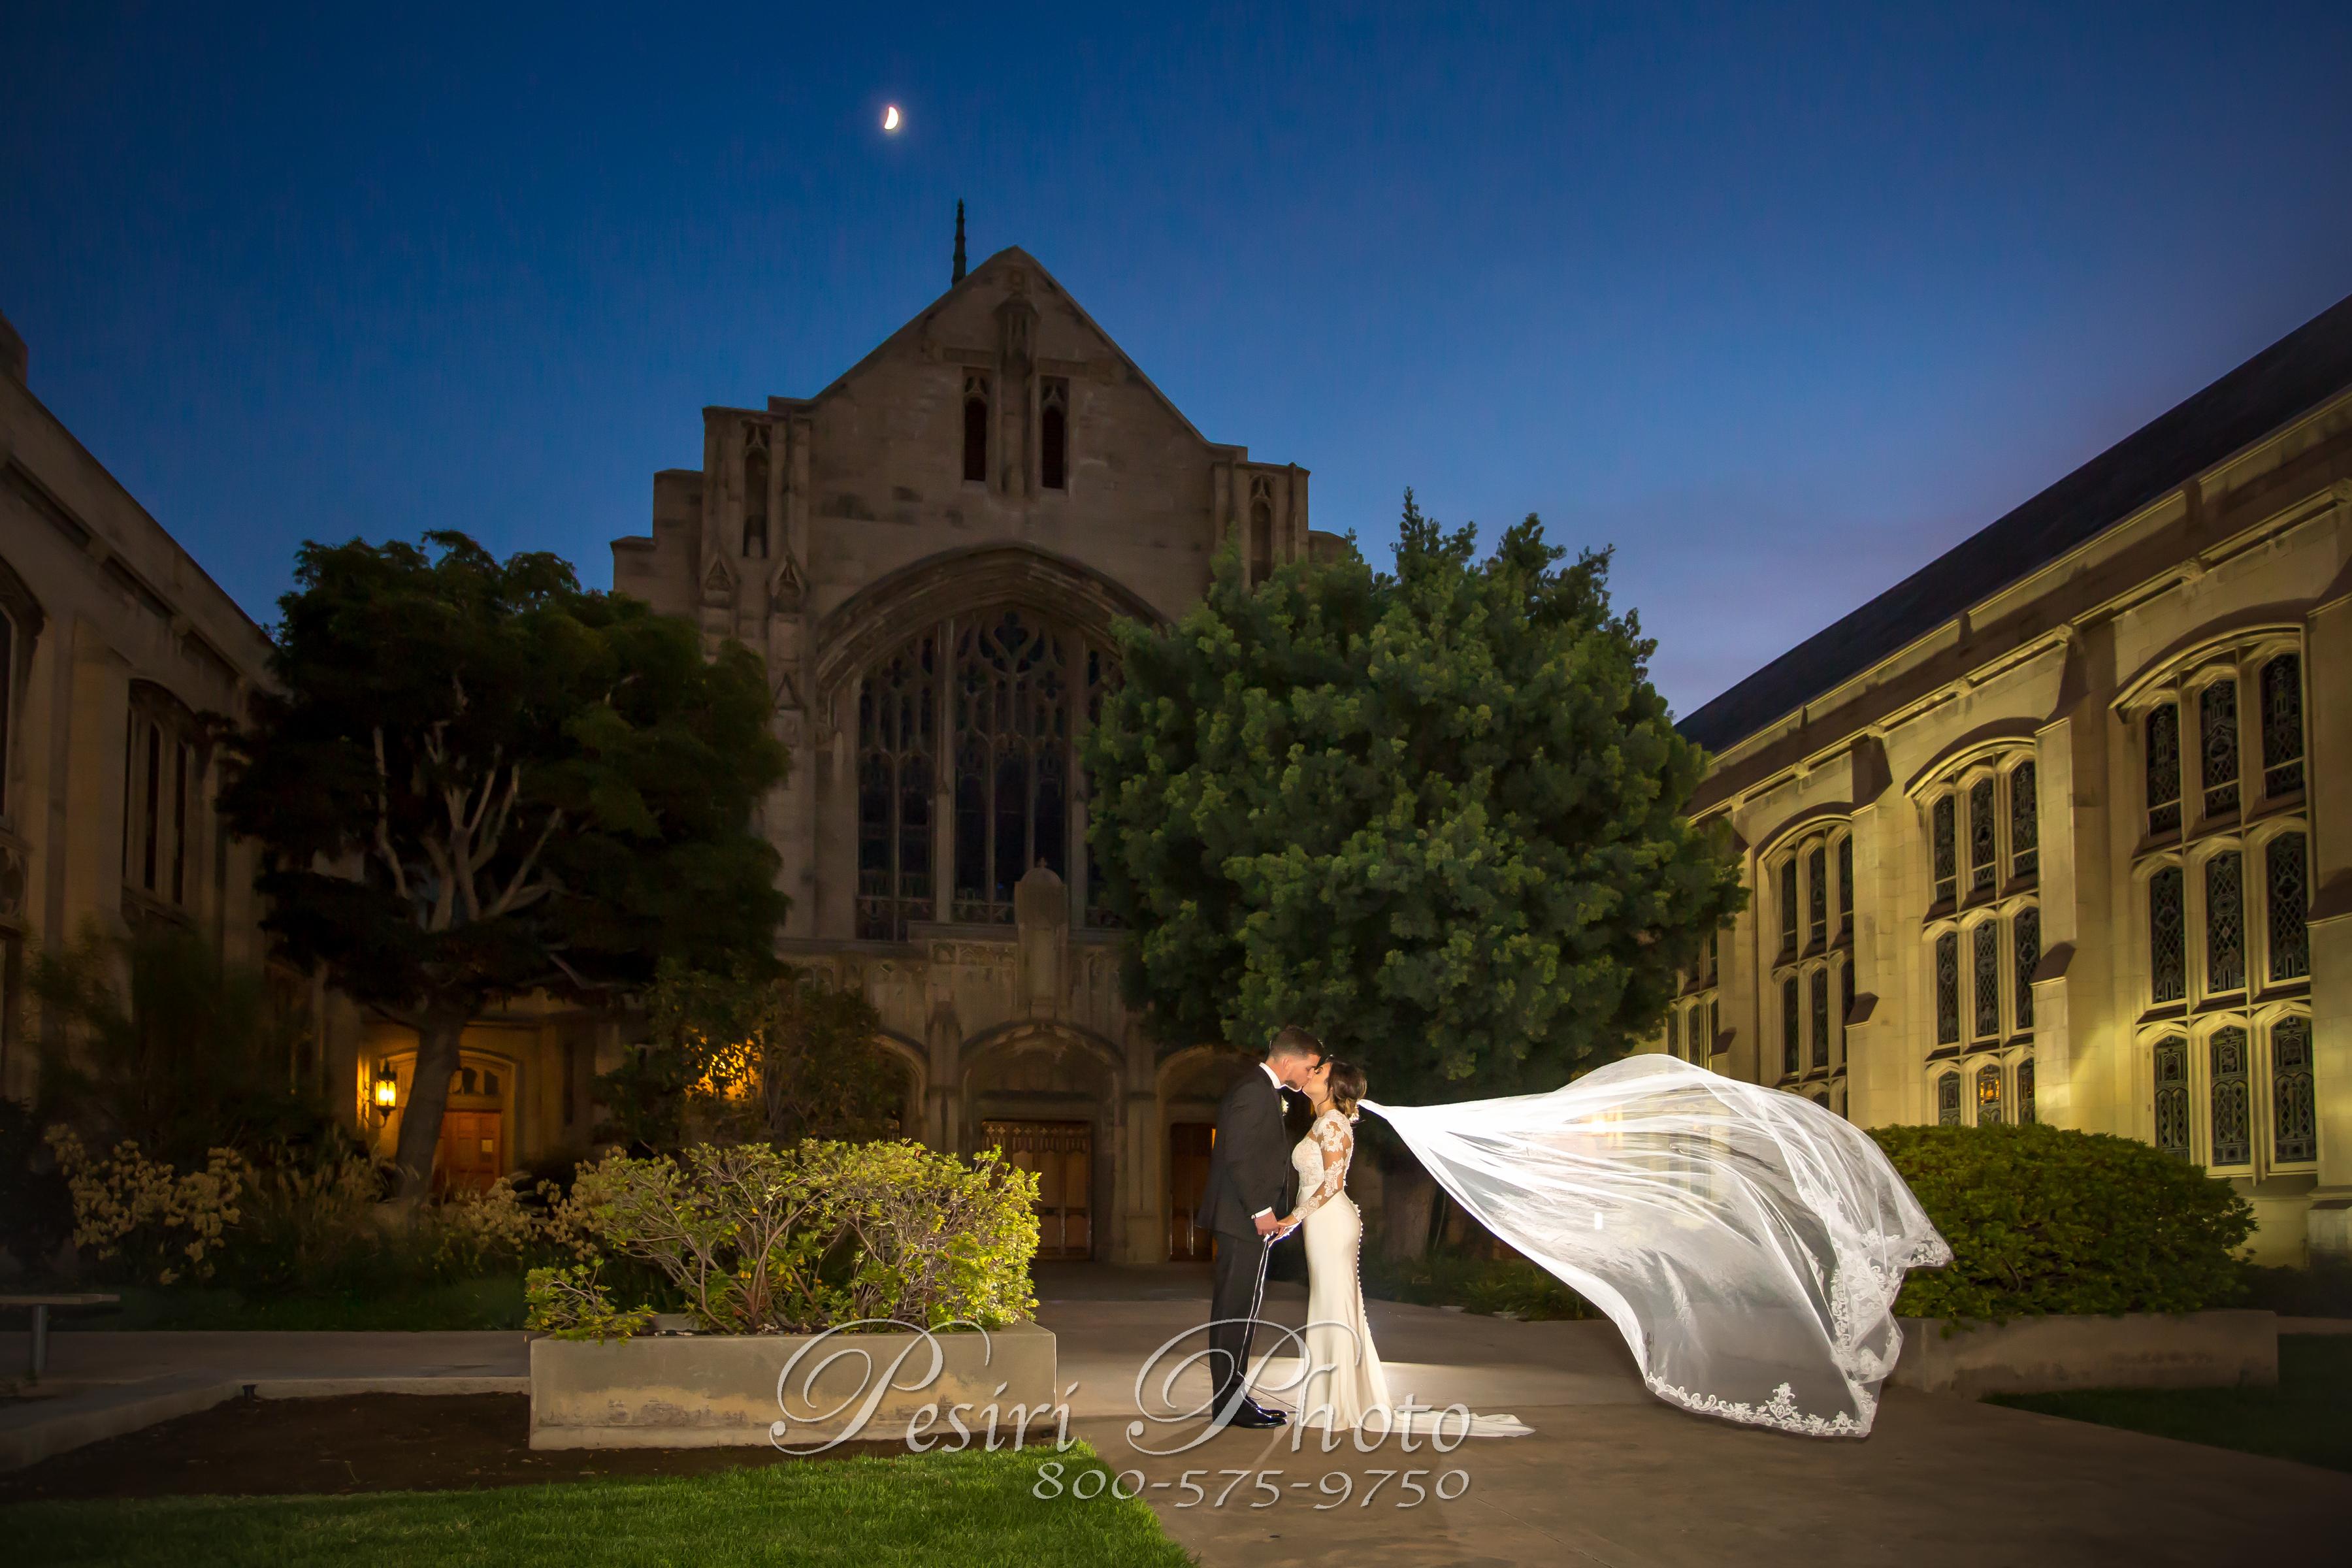 Pesiri Photo Wedding Pasadena-1